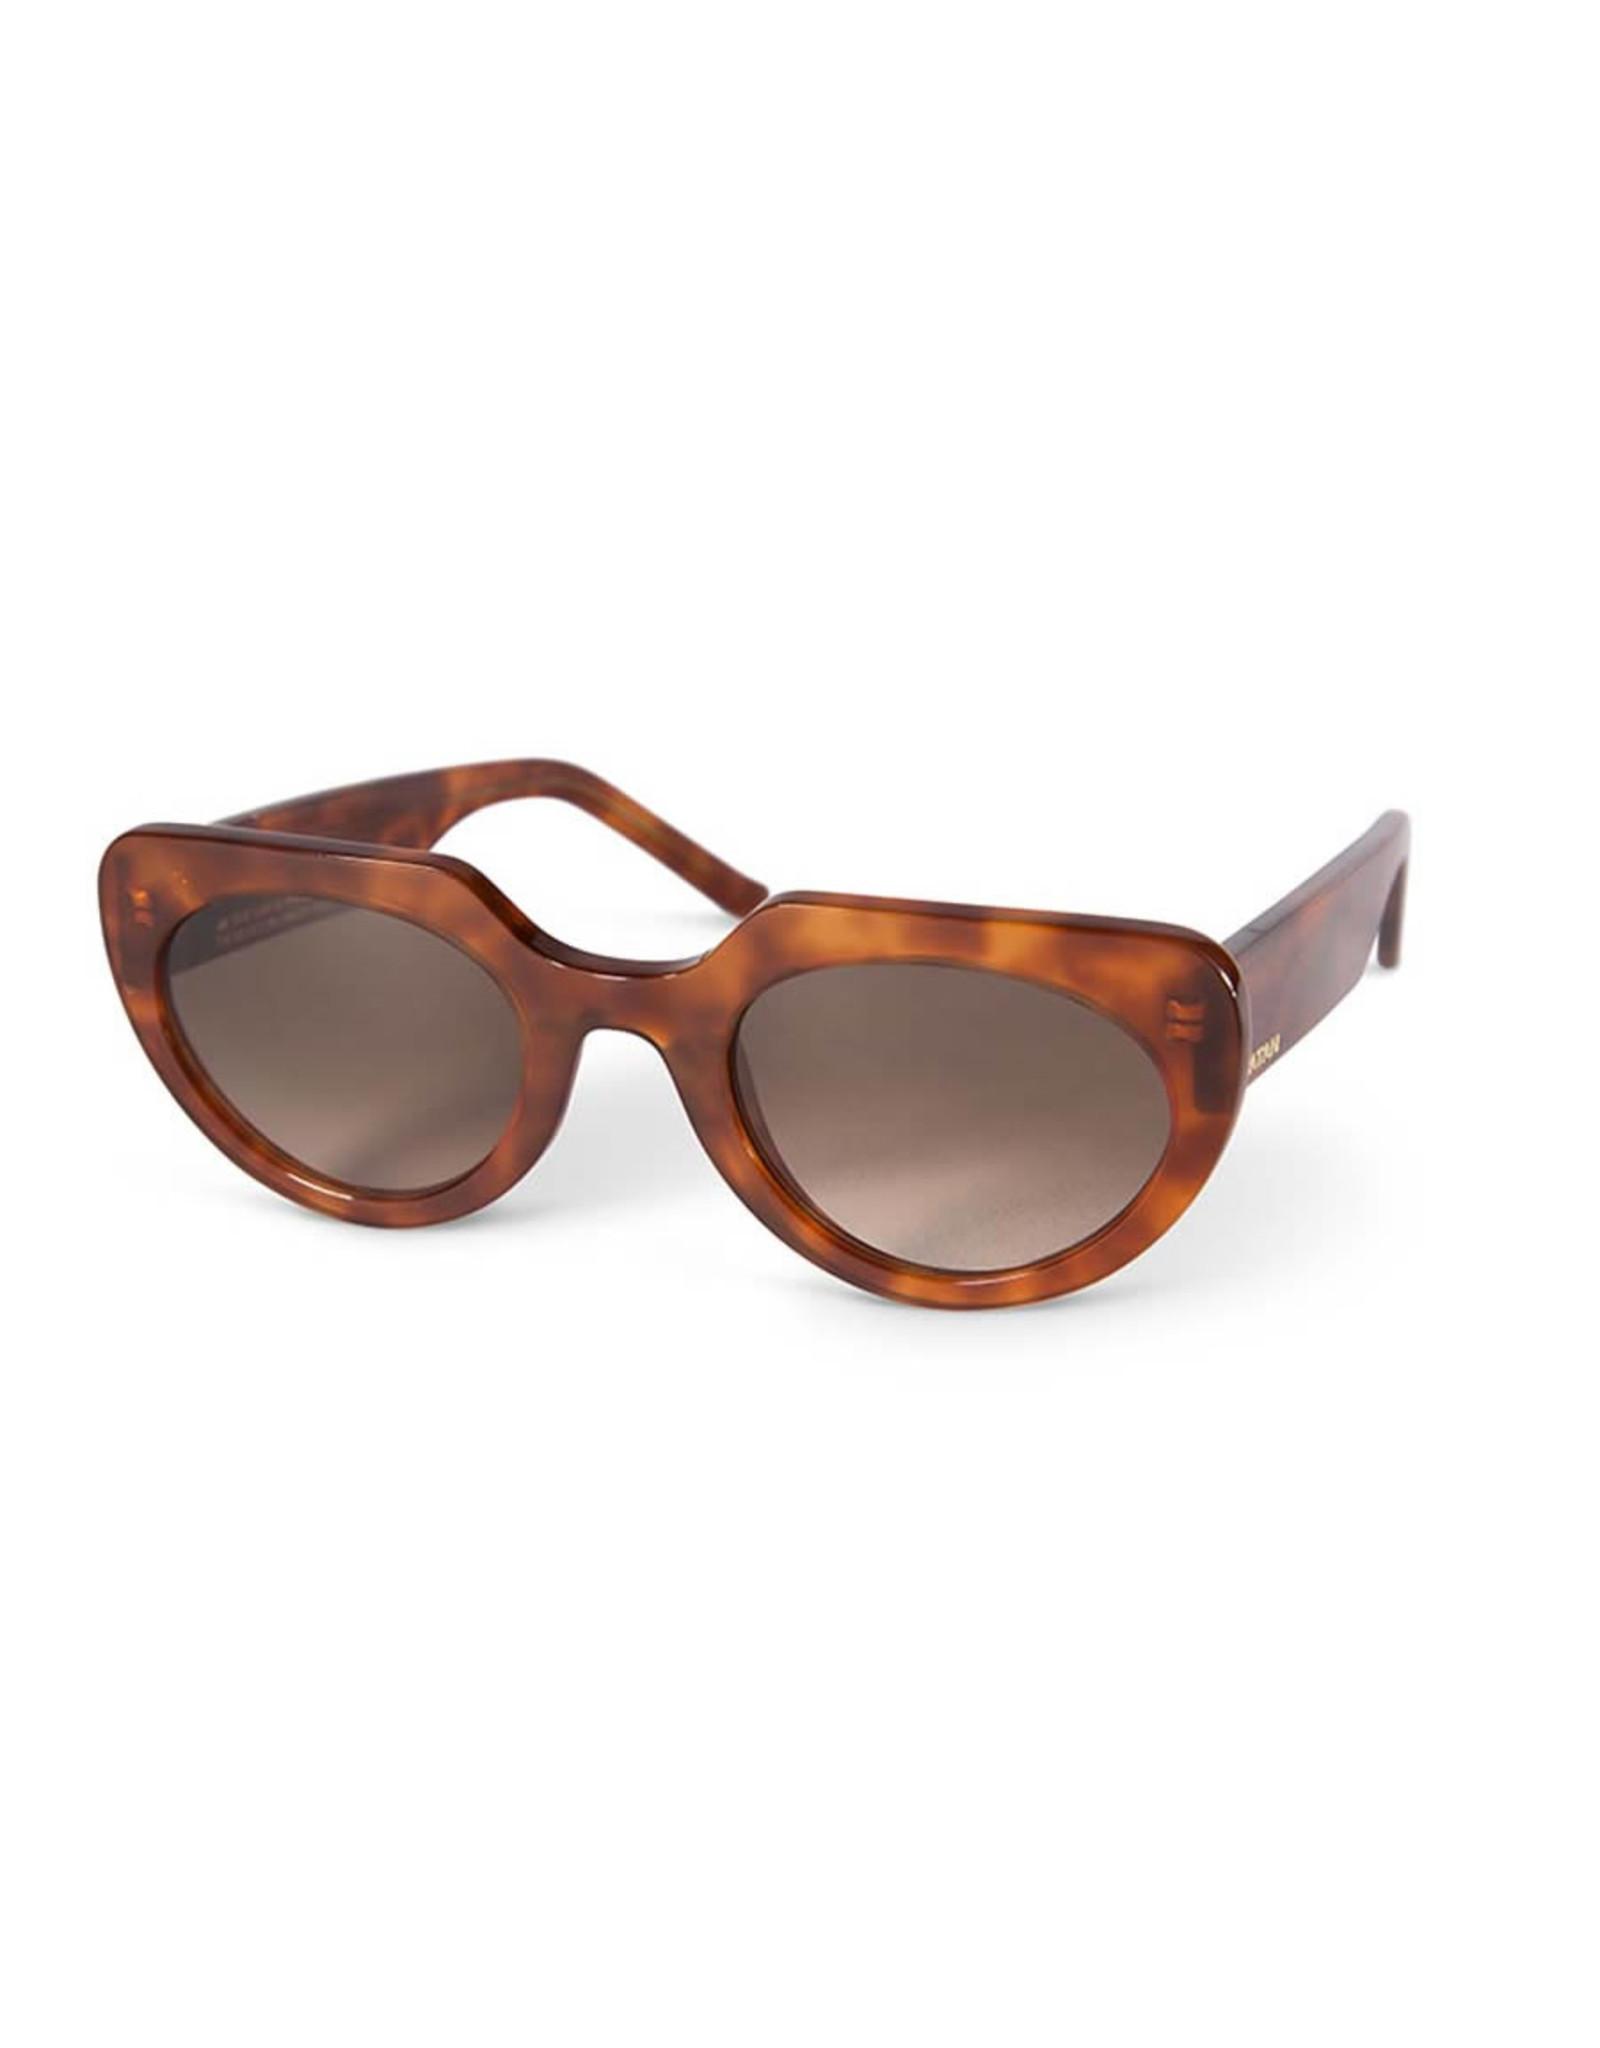 Natan eyewear S53